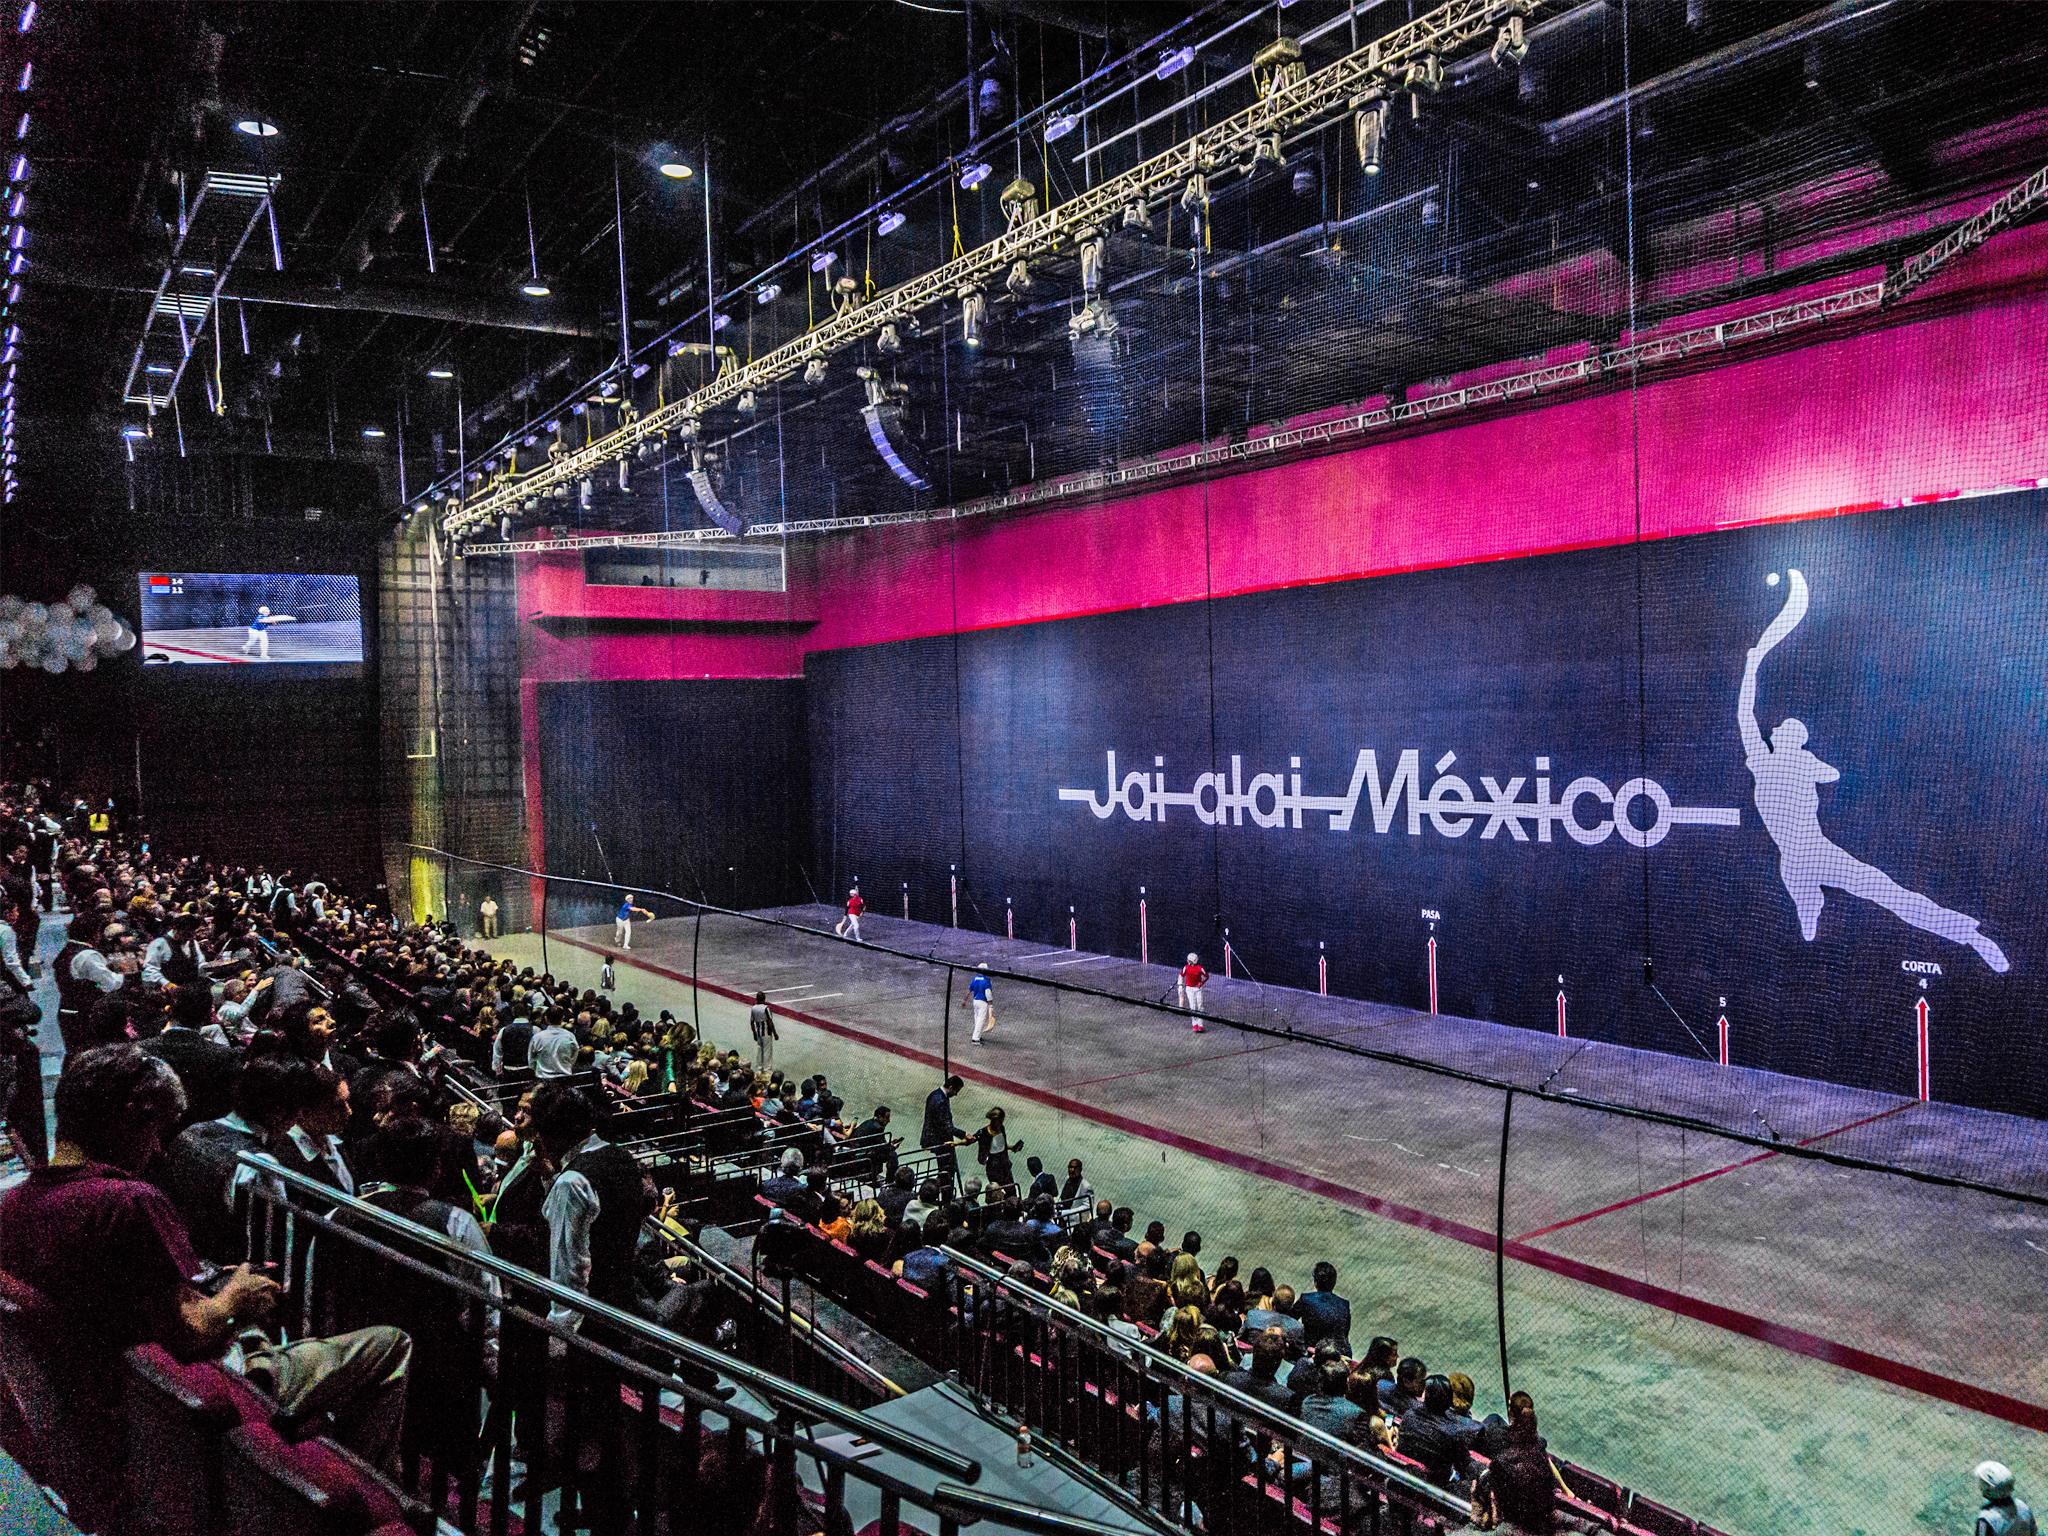 Torneo de jai alai en el Frontón México